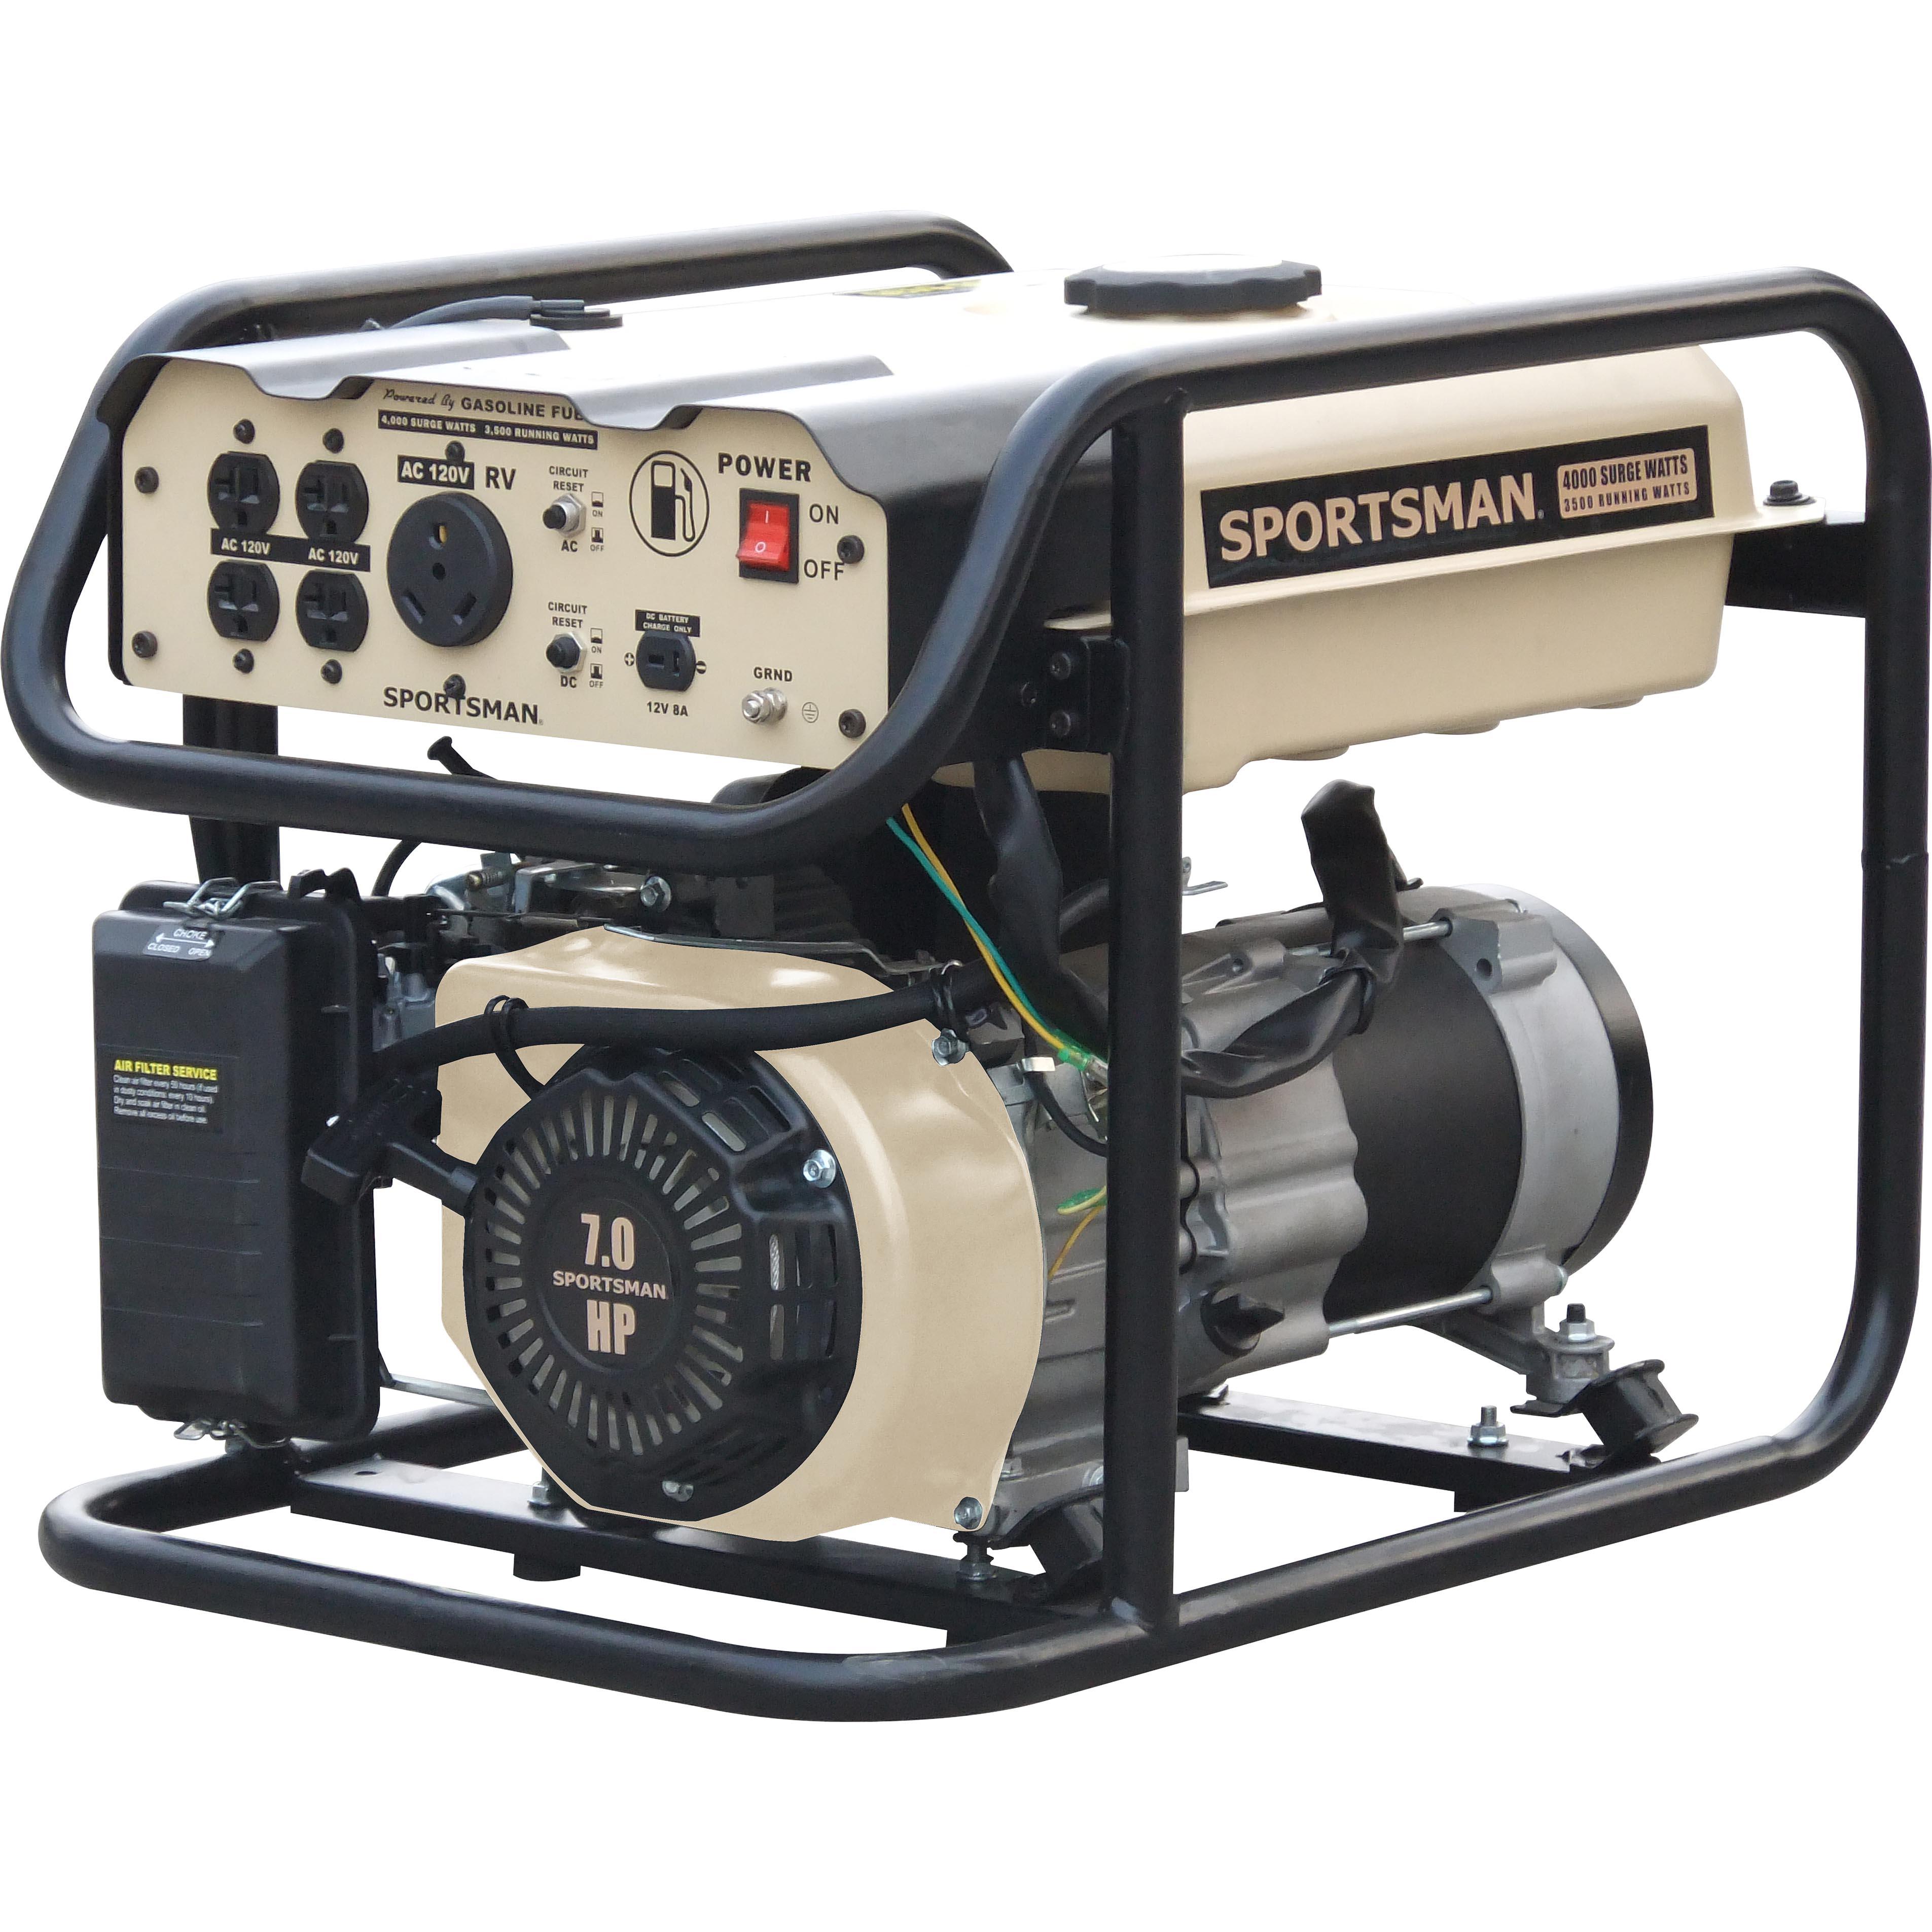 Sportsman Surge Watt Gas Generator